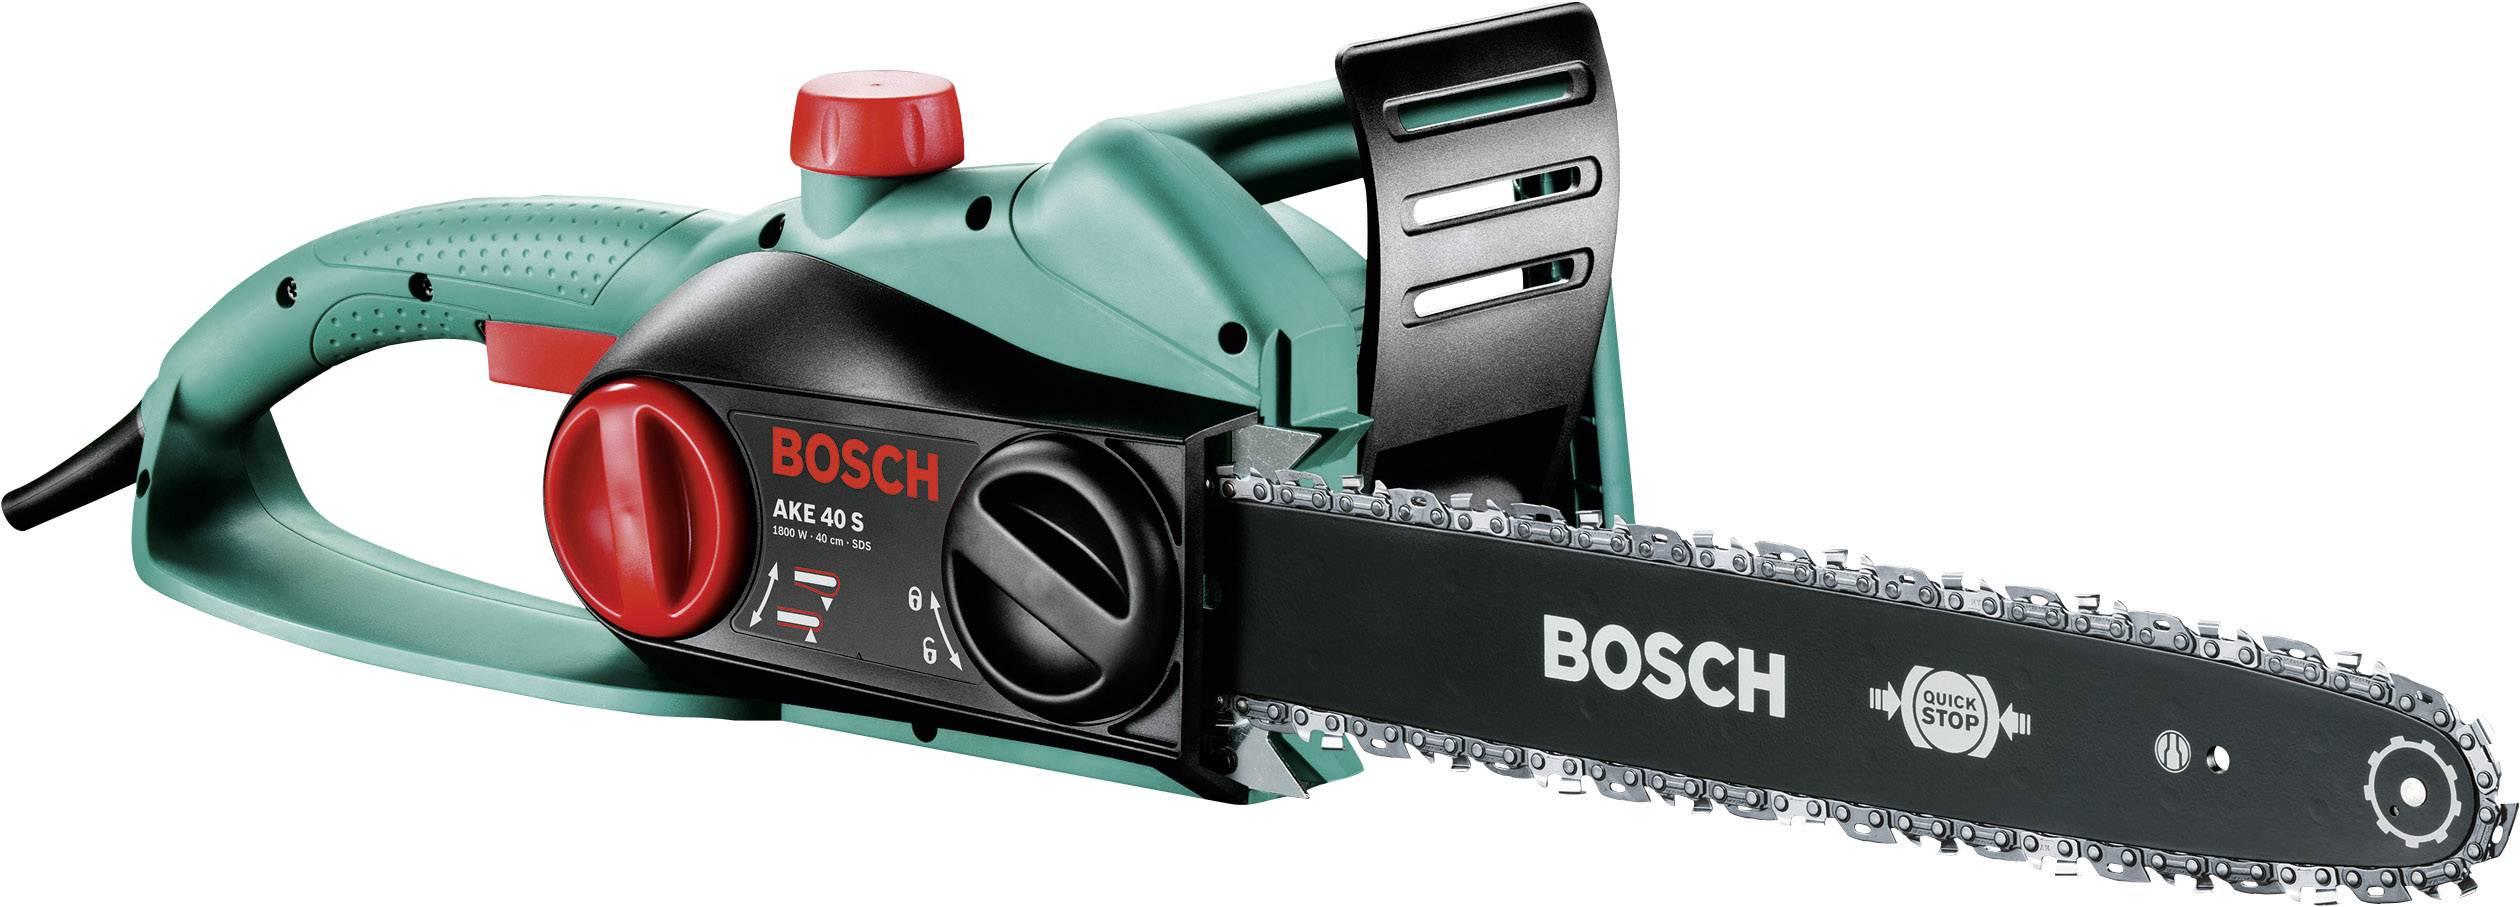 Elektrický/á reťazová píla Bosch Home and Garden AKE 40 S, dĺžka čepele 400 mm